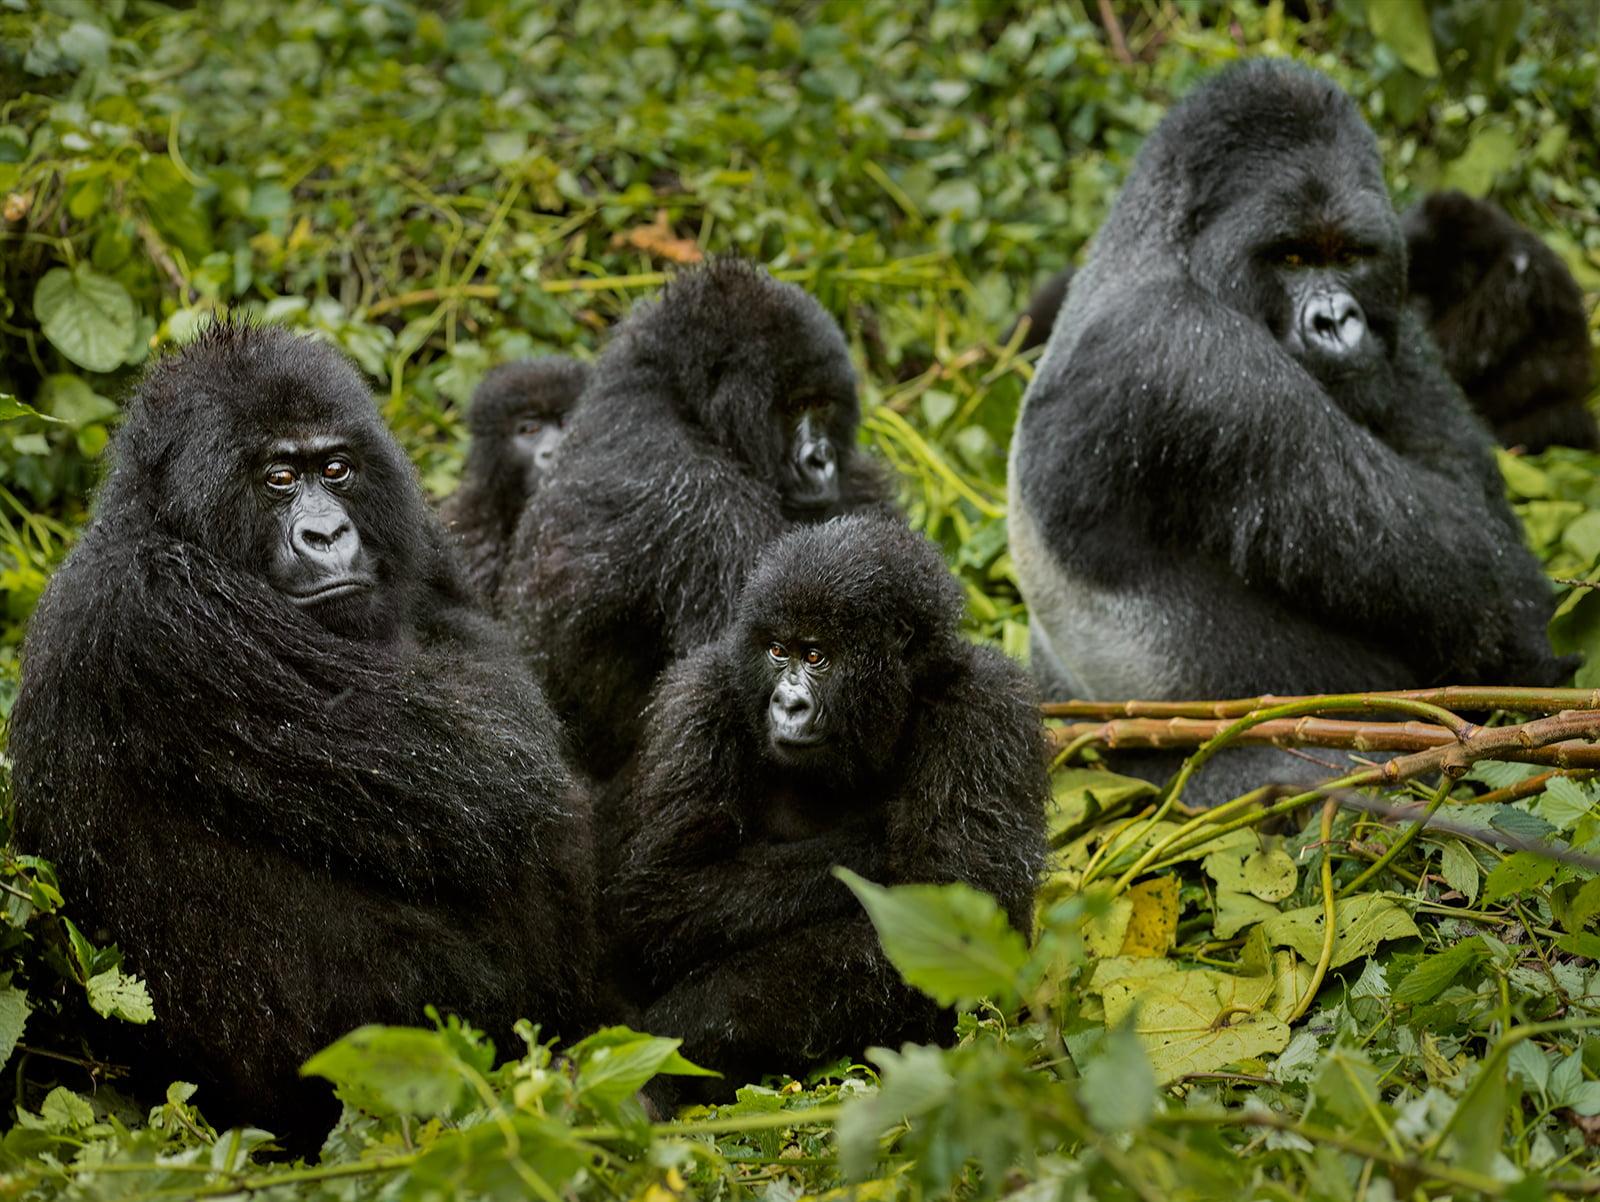 safari-in-rwanda_gorillas-volcanoes-national-park_05